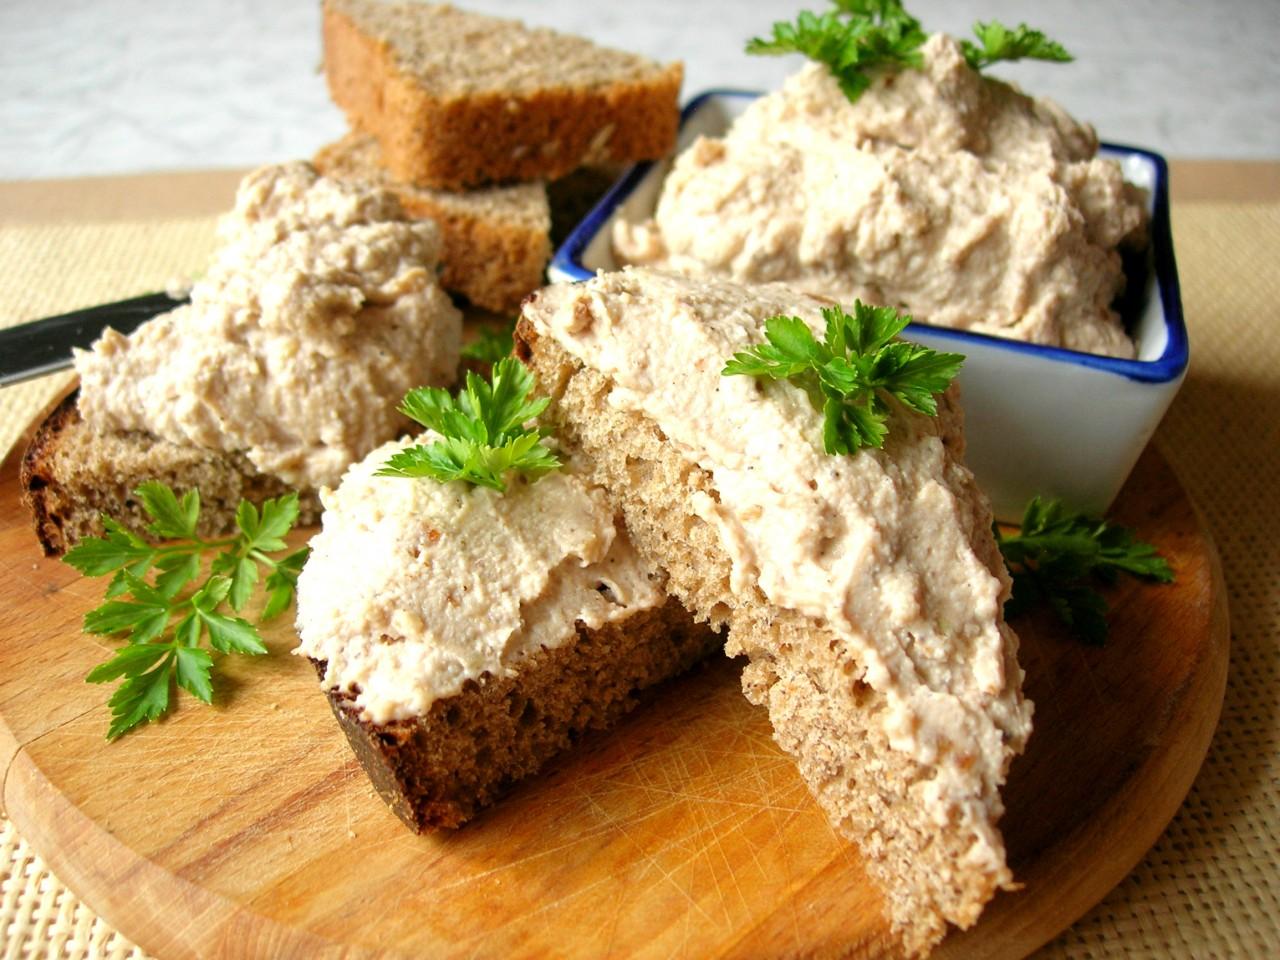 Идея для завтрака – яичный паштет. Как использовать оставшиеся крашенные яйца после Пасхи?